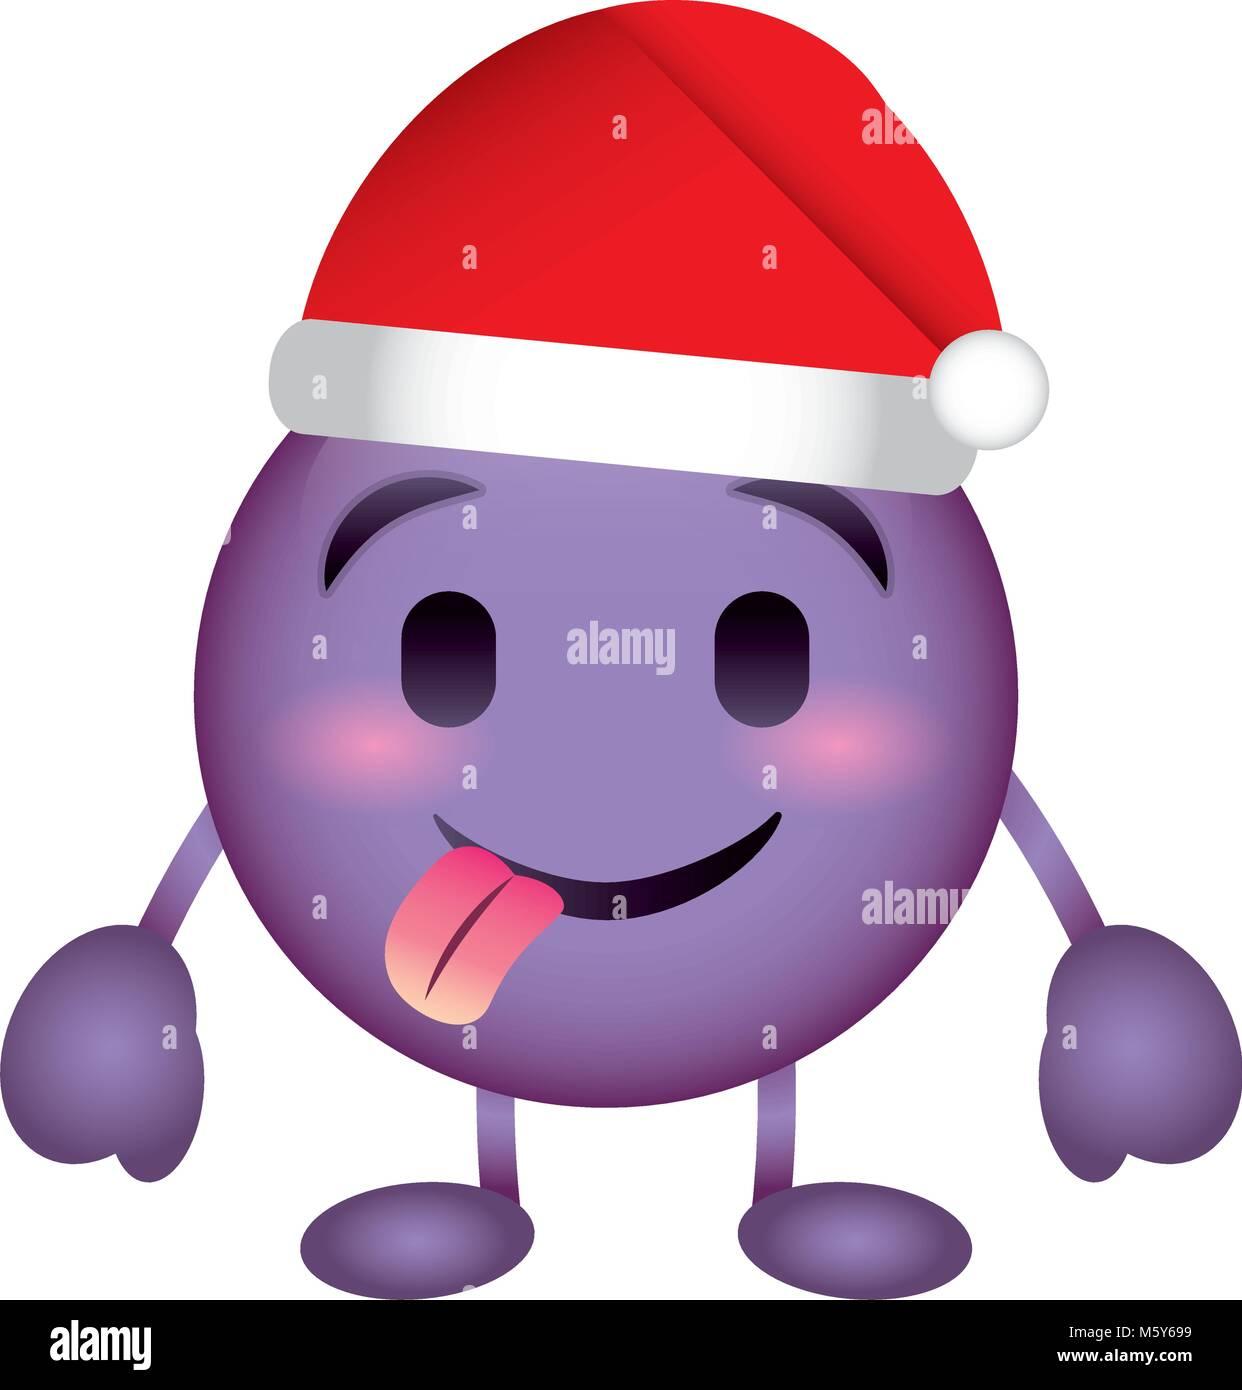 Kostenlose Weihnachts Bilder, Gifs, Grafiken, Cliparts, Anigifs, Images,  Animationen